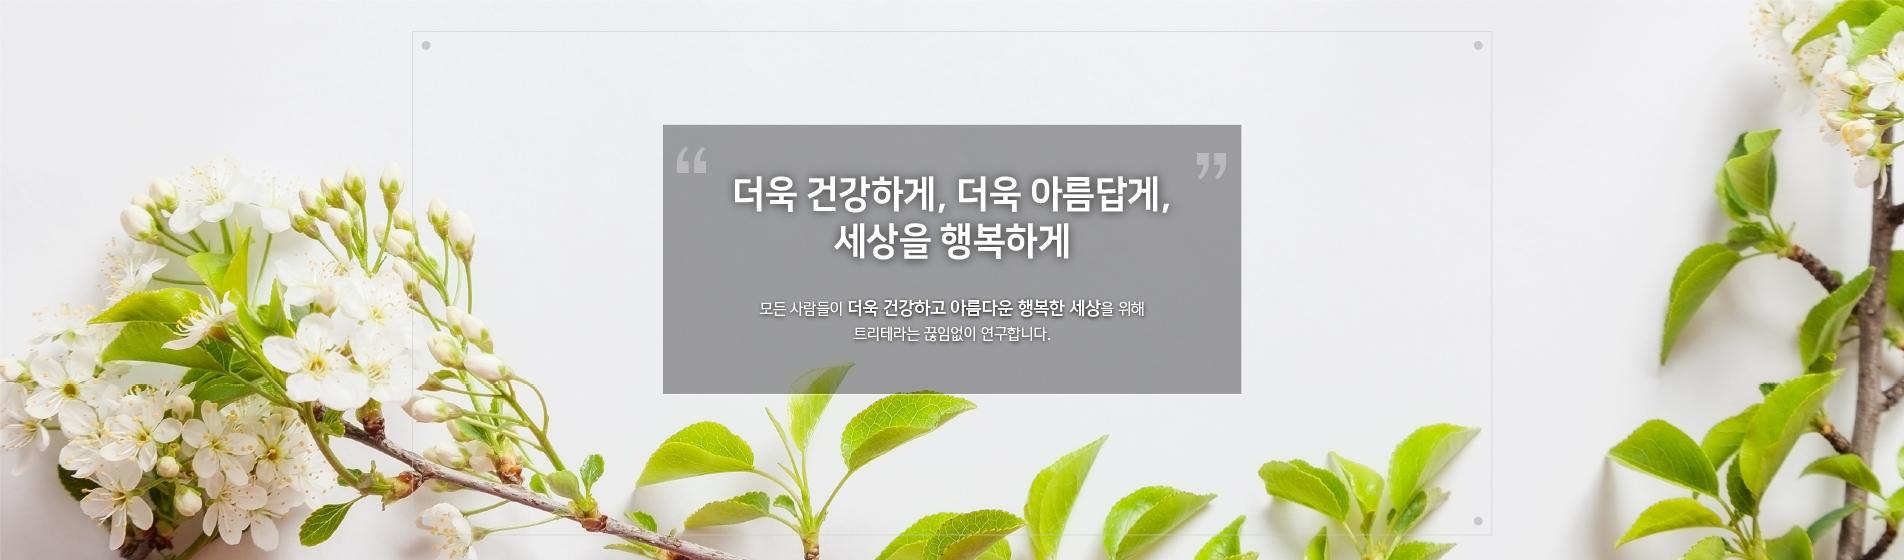 레이아웃_회사소개_내부_이미지003.jpg